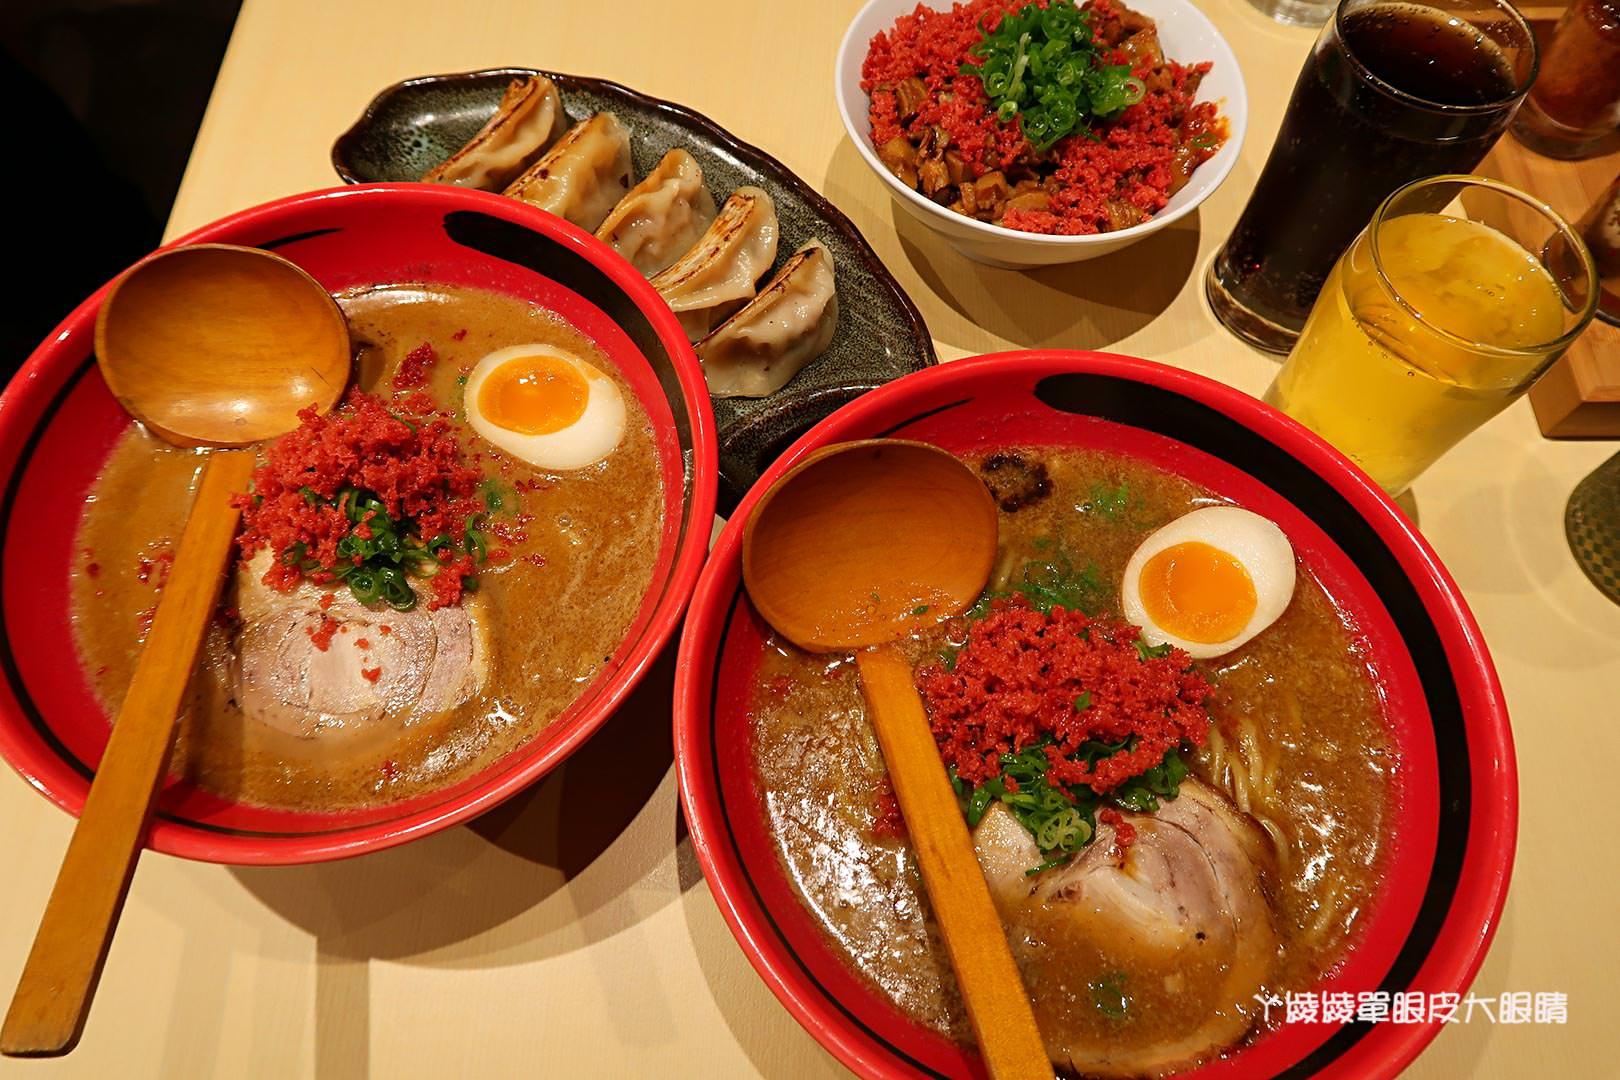 台中平價拉麵推薦|一幻拉麵!中友百貨湯頭超蝦的北海道拉麵